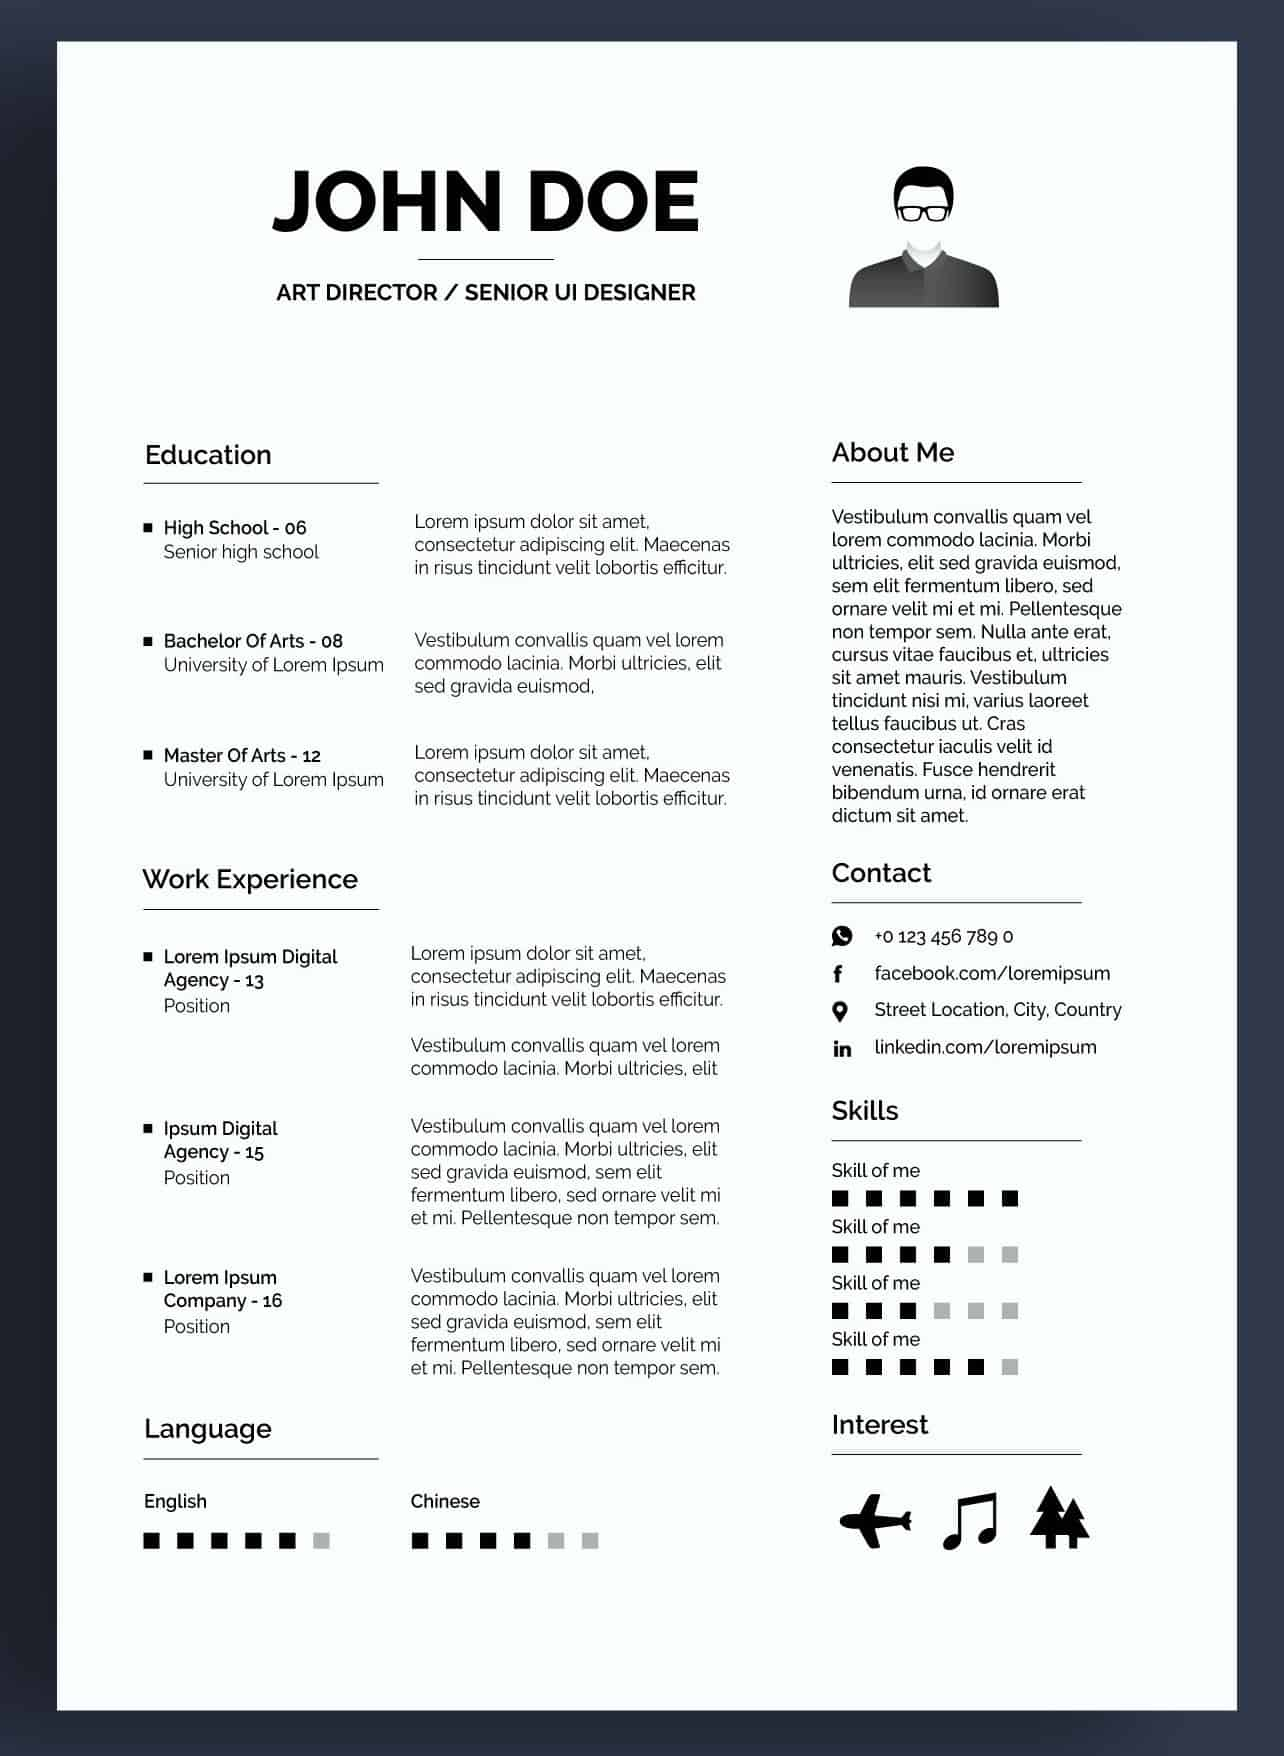 Graficzne CV. Darmowe czarno-białe CV dla dyrektora kreatywnego.